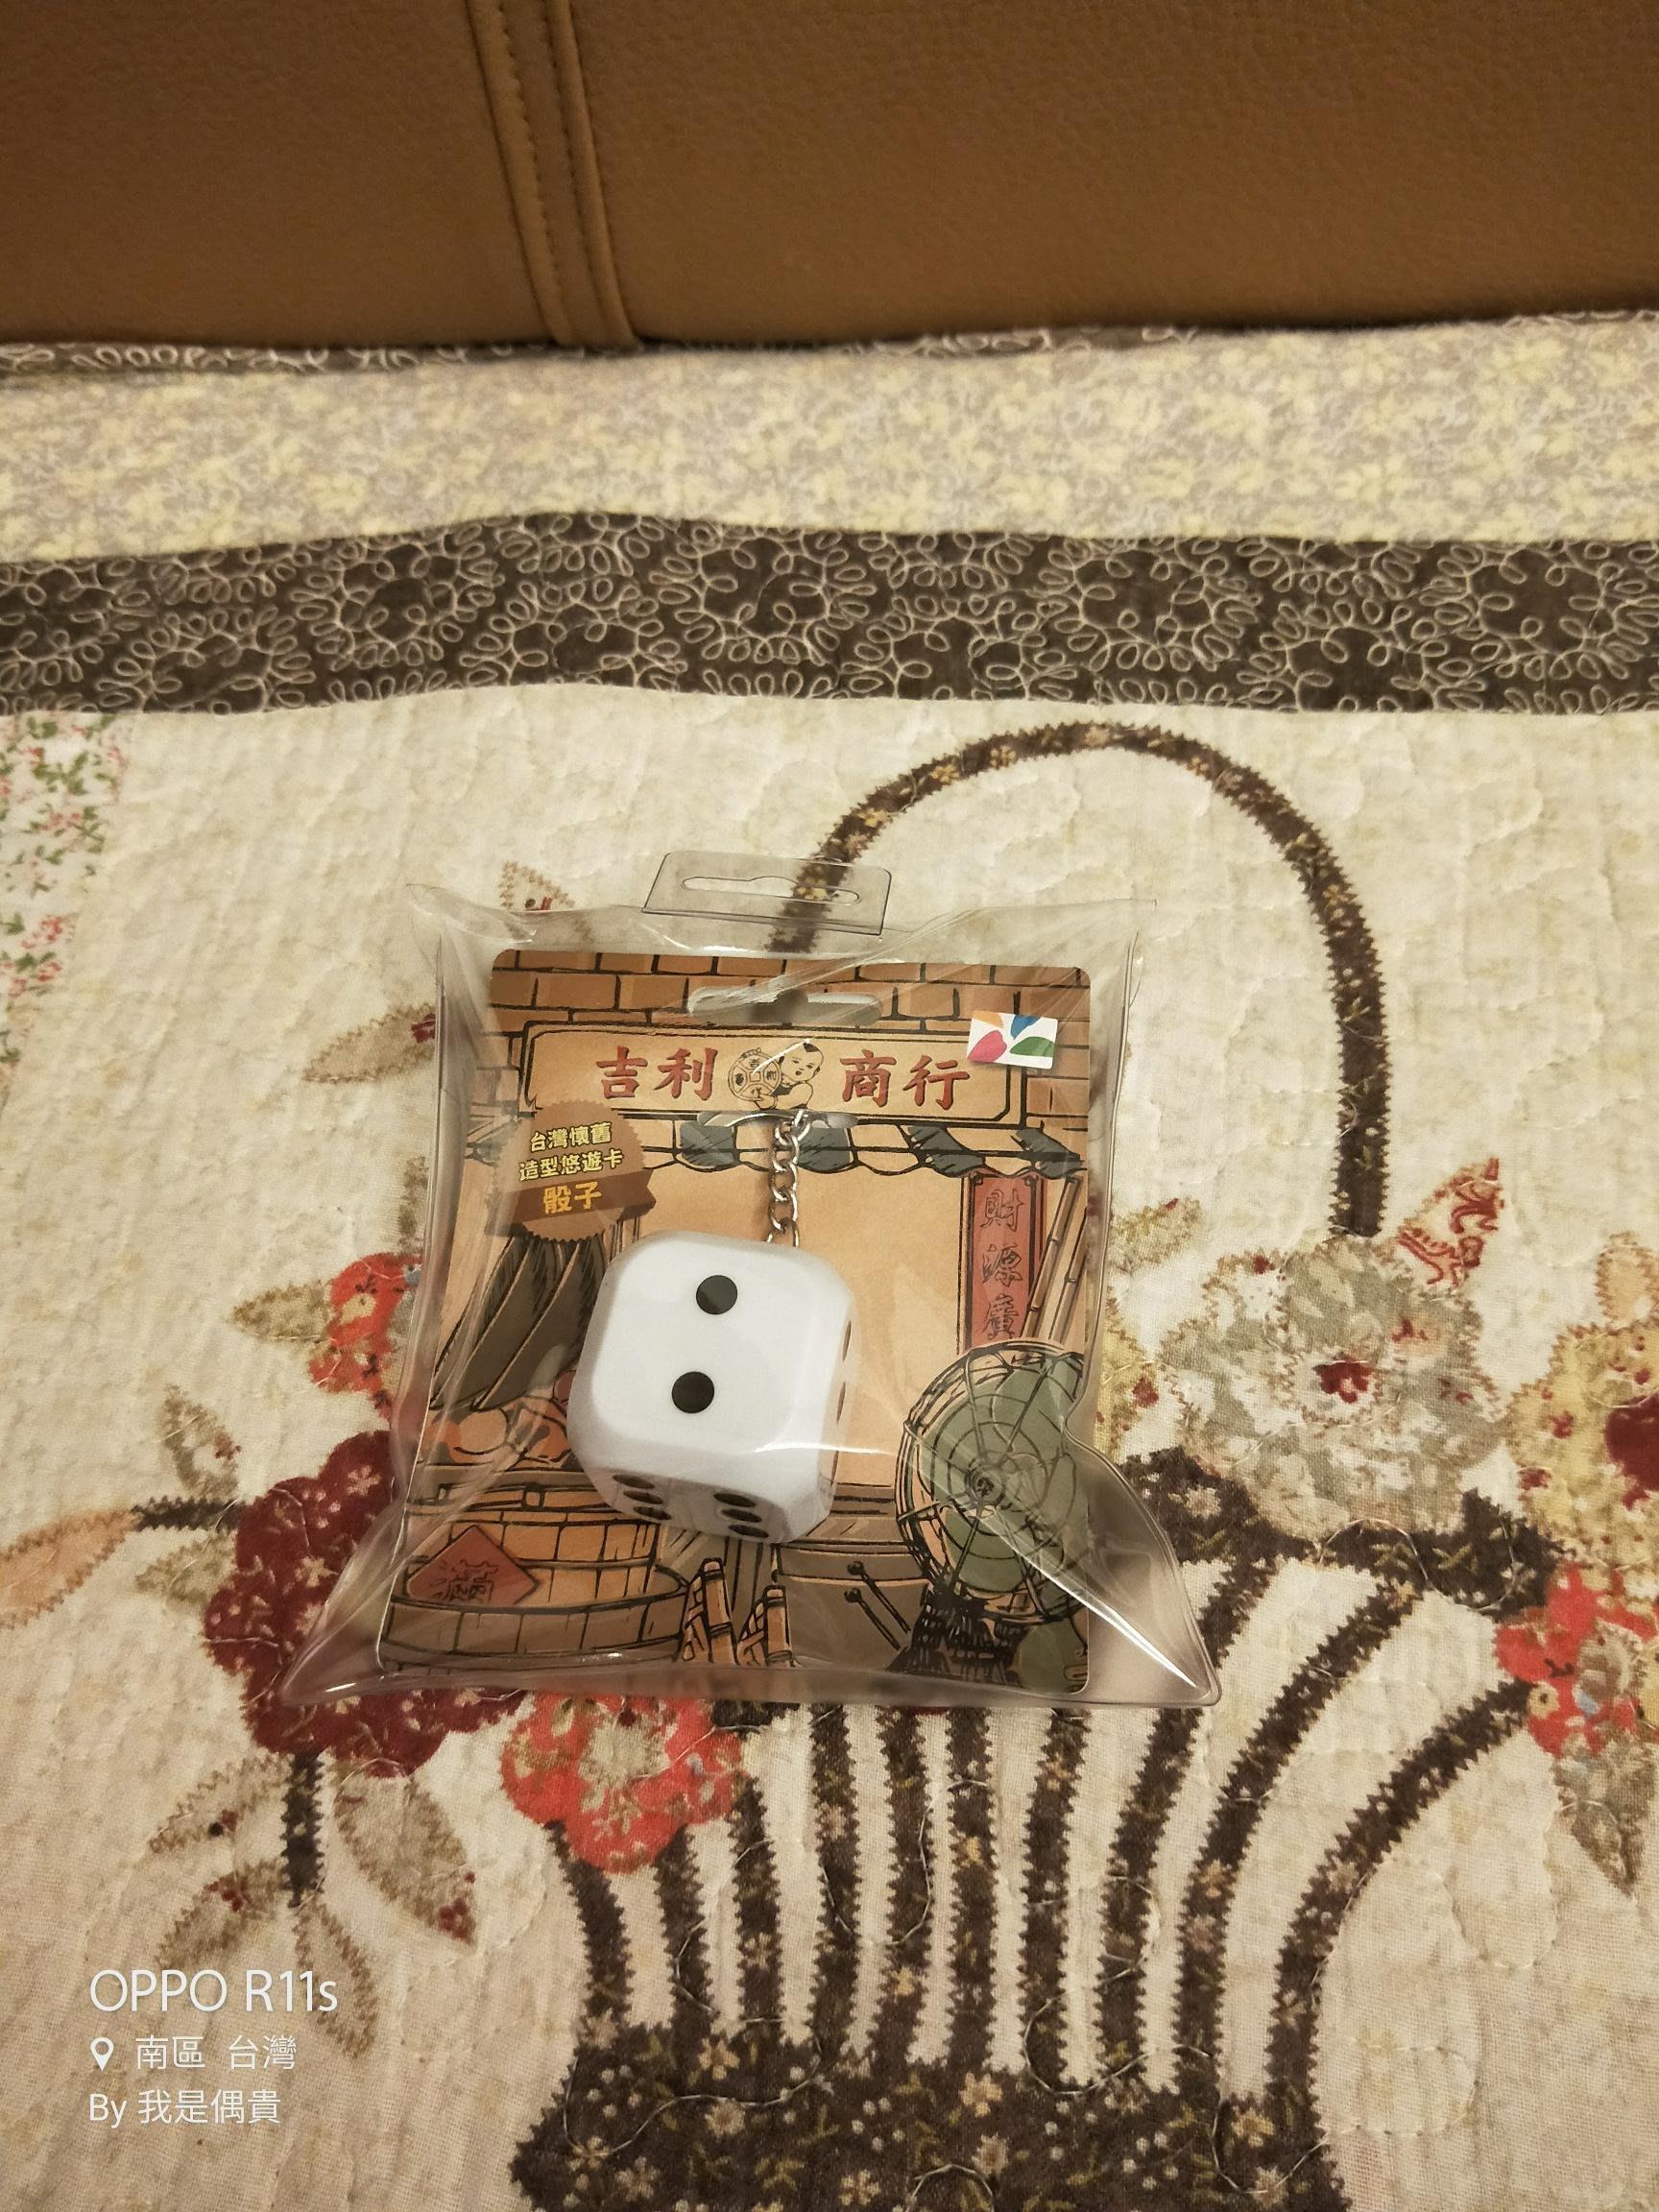 台灣懷舊造型骰子悠遊卡